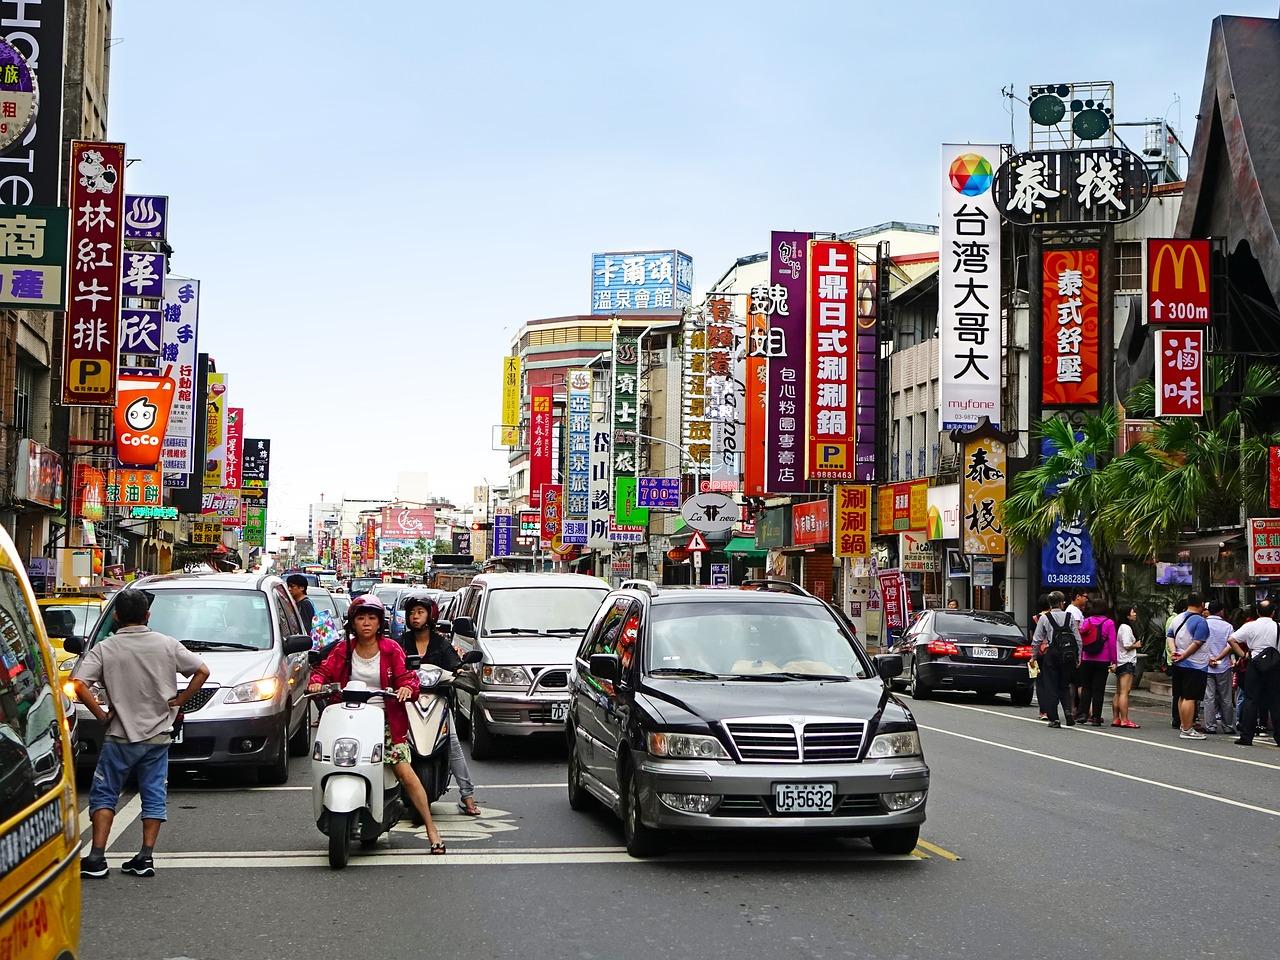 中国語の習得が目的なら「台湾」への留学がおすすめ☆その理由とは